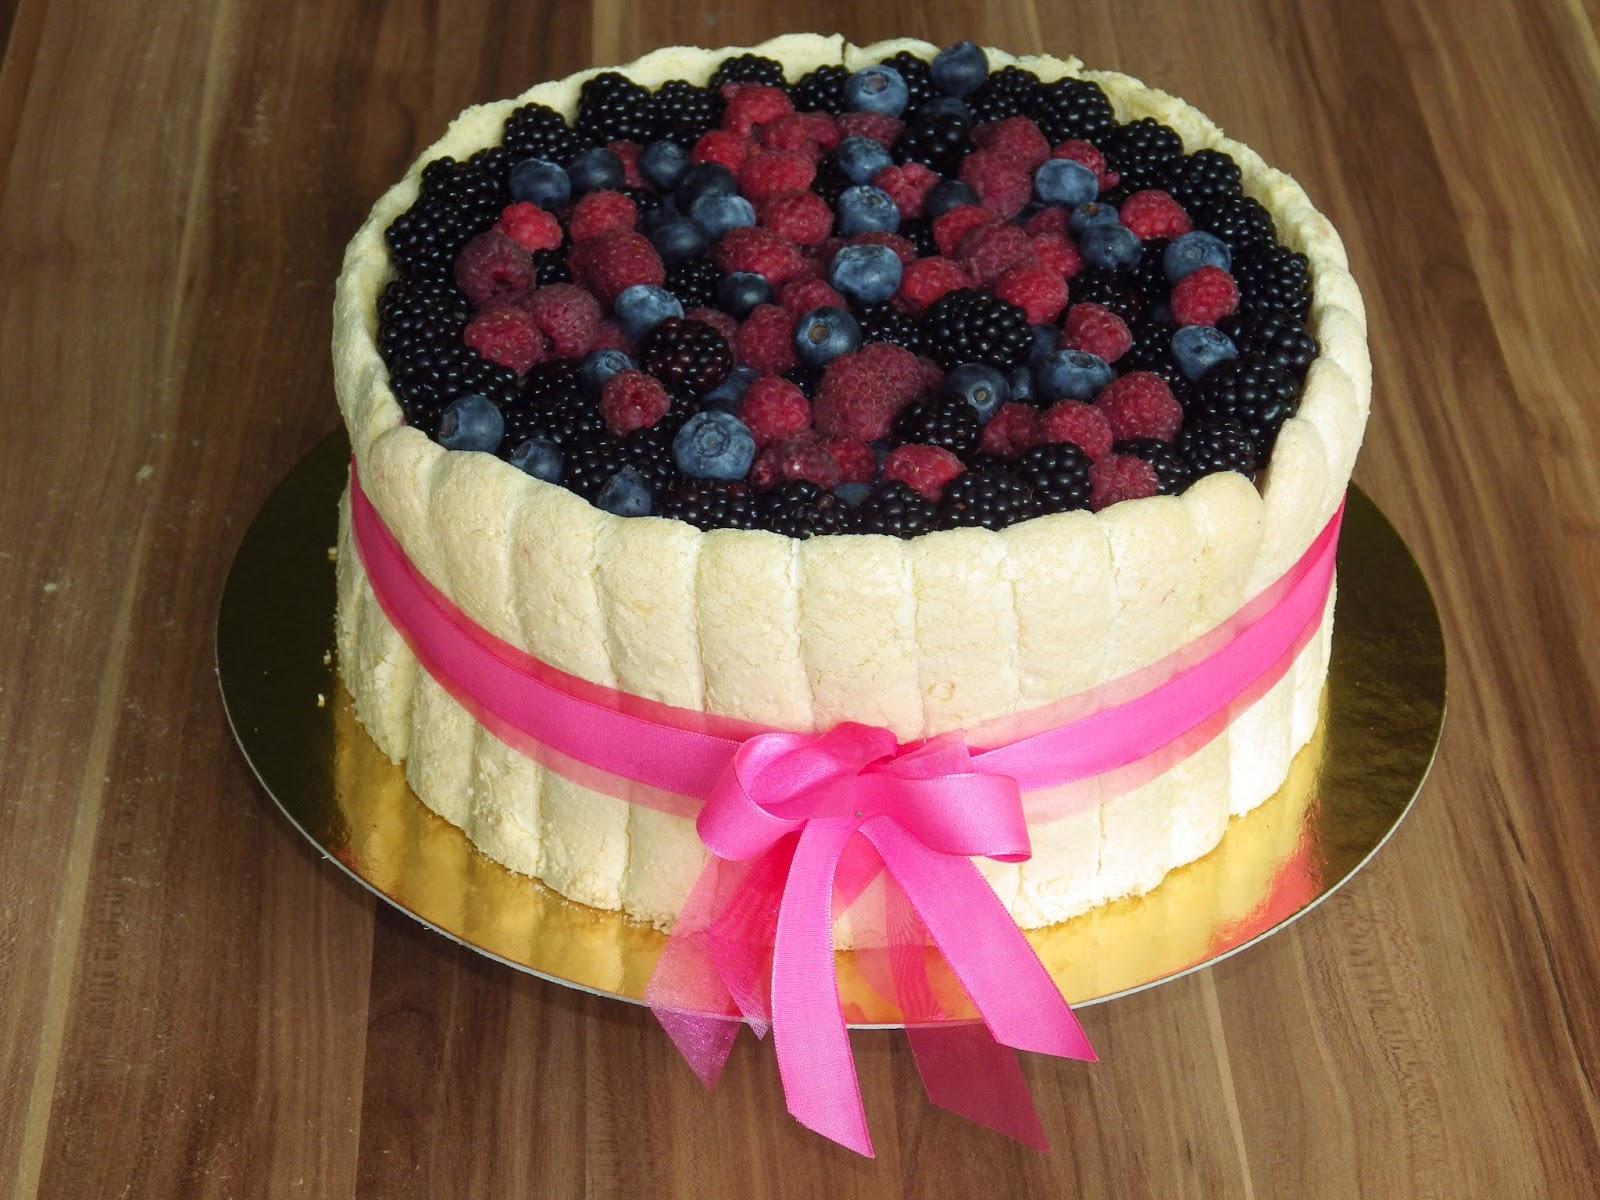 szülinapi torta díszítések Így készült az esküvői torta | Kérek még! szülinapi torta díszítések